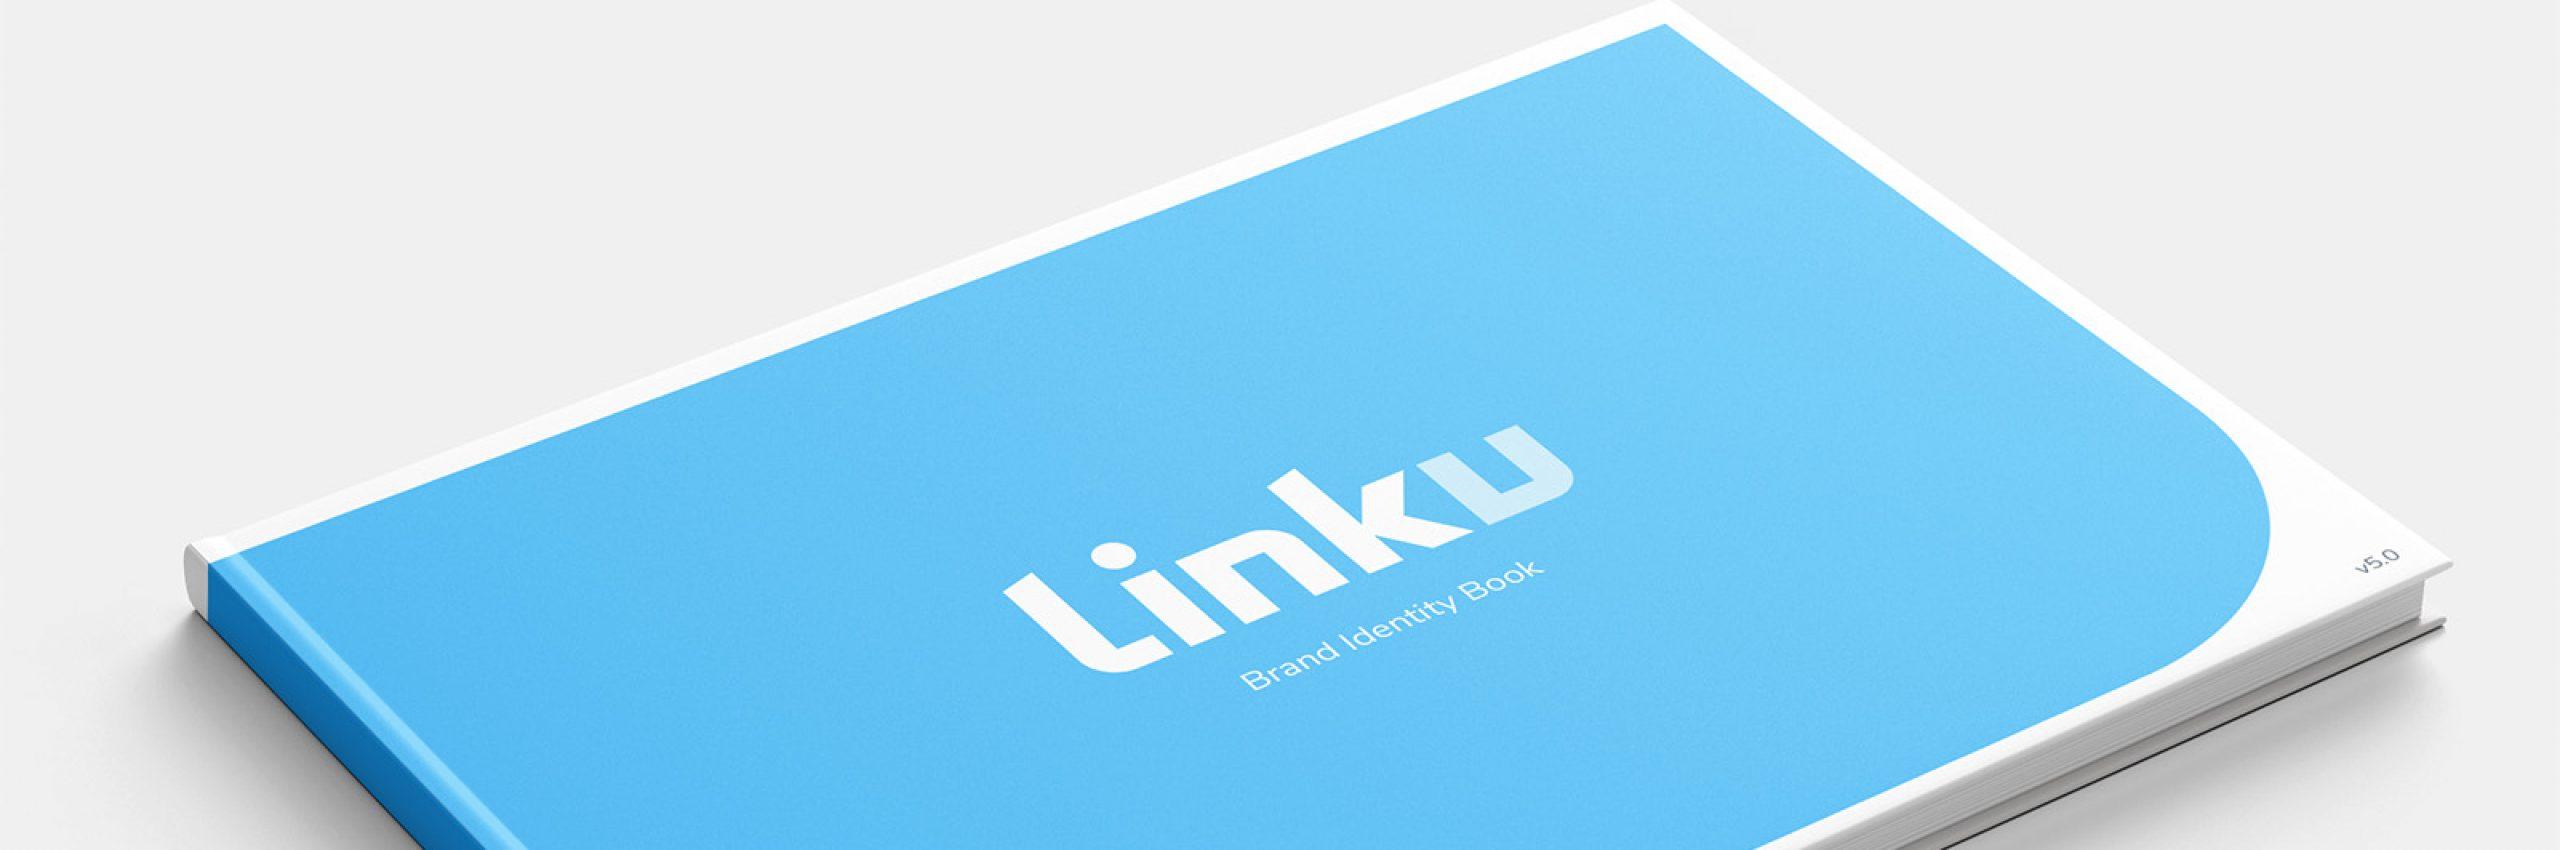 Banner for Het nieuwe Linku: lees hoe we zijn veranderd!